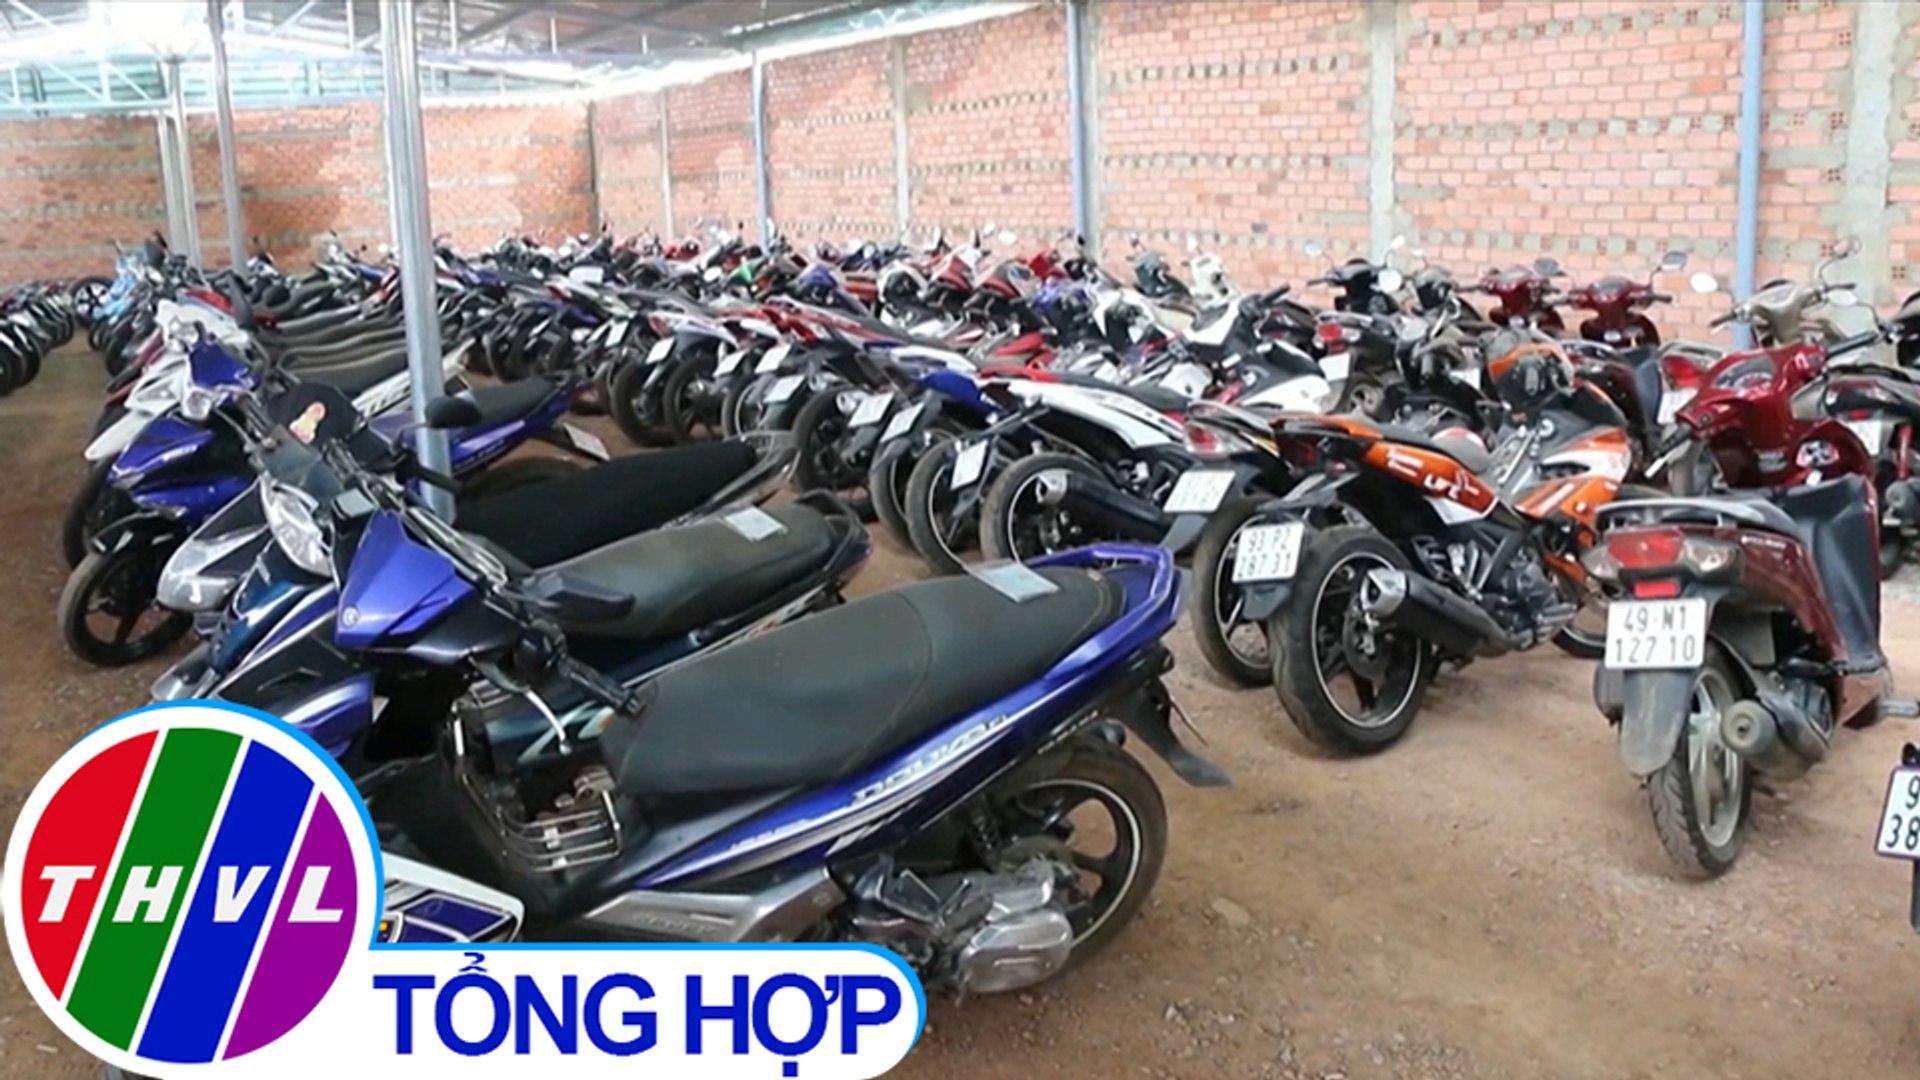 THVL | Phát hiện hàng trăm xe máy không chính chủ trong các cửa hàng cầm đồ